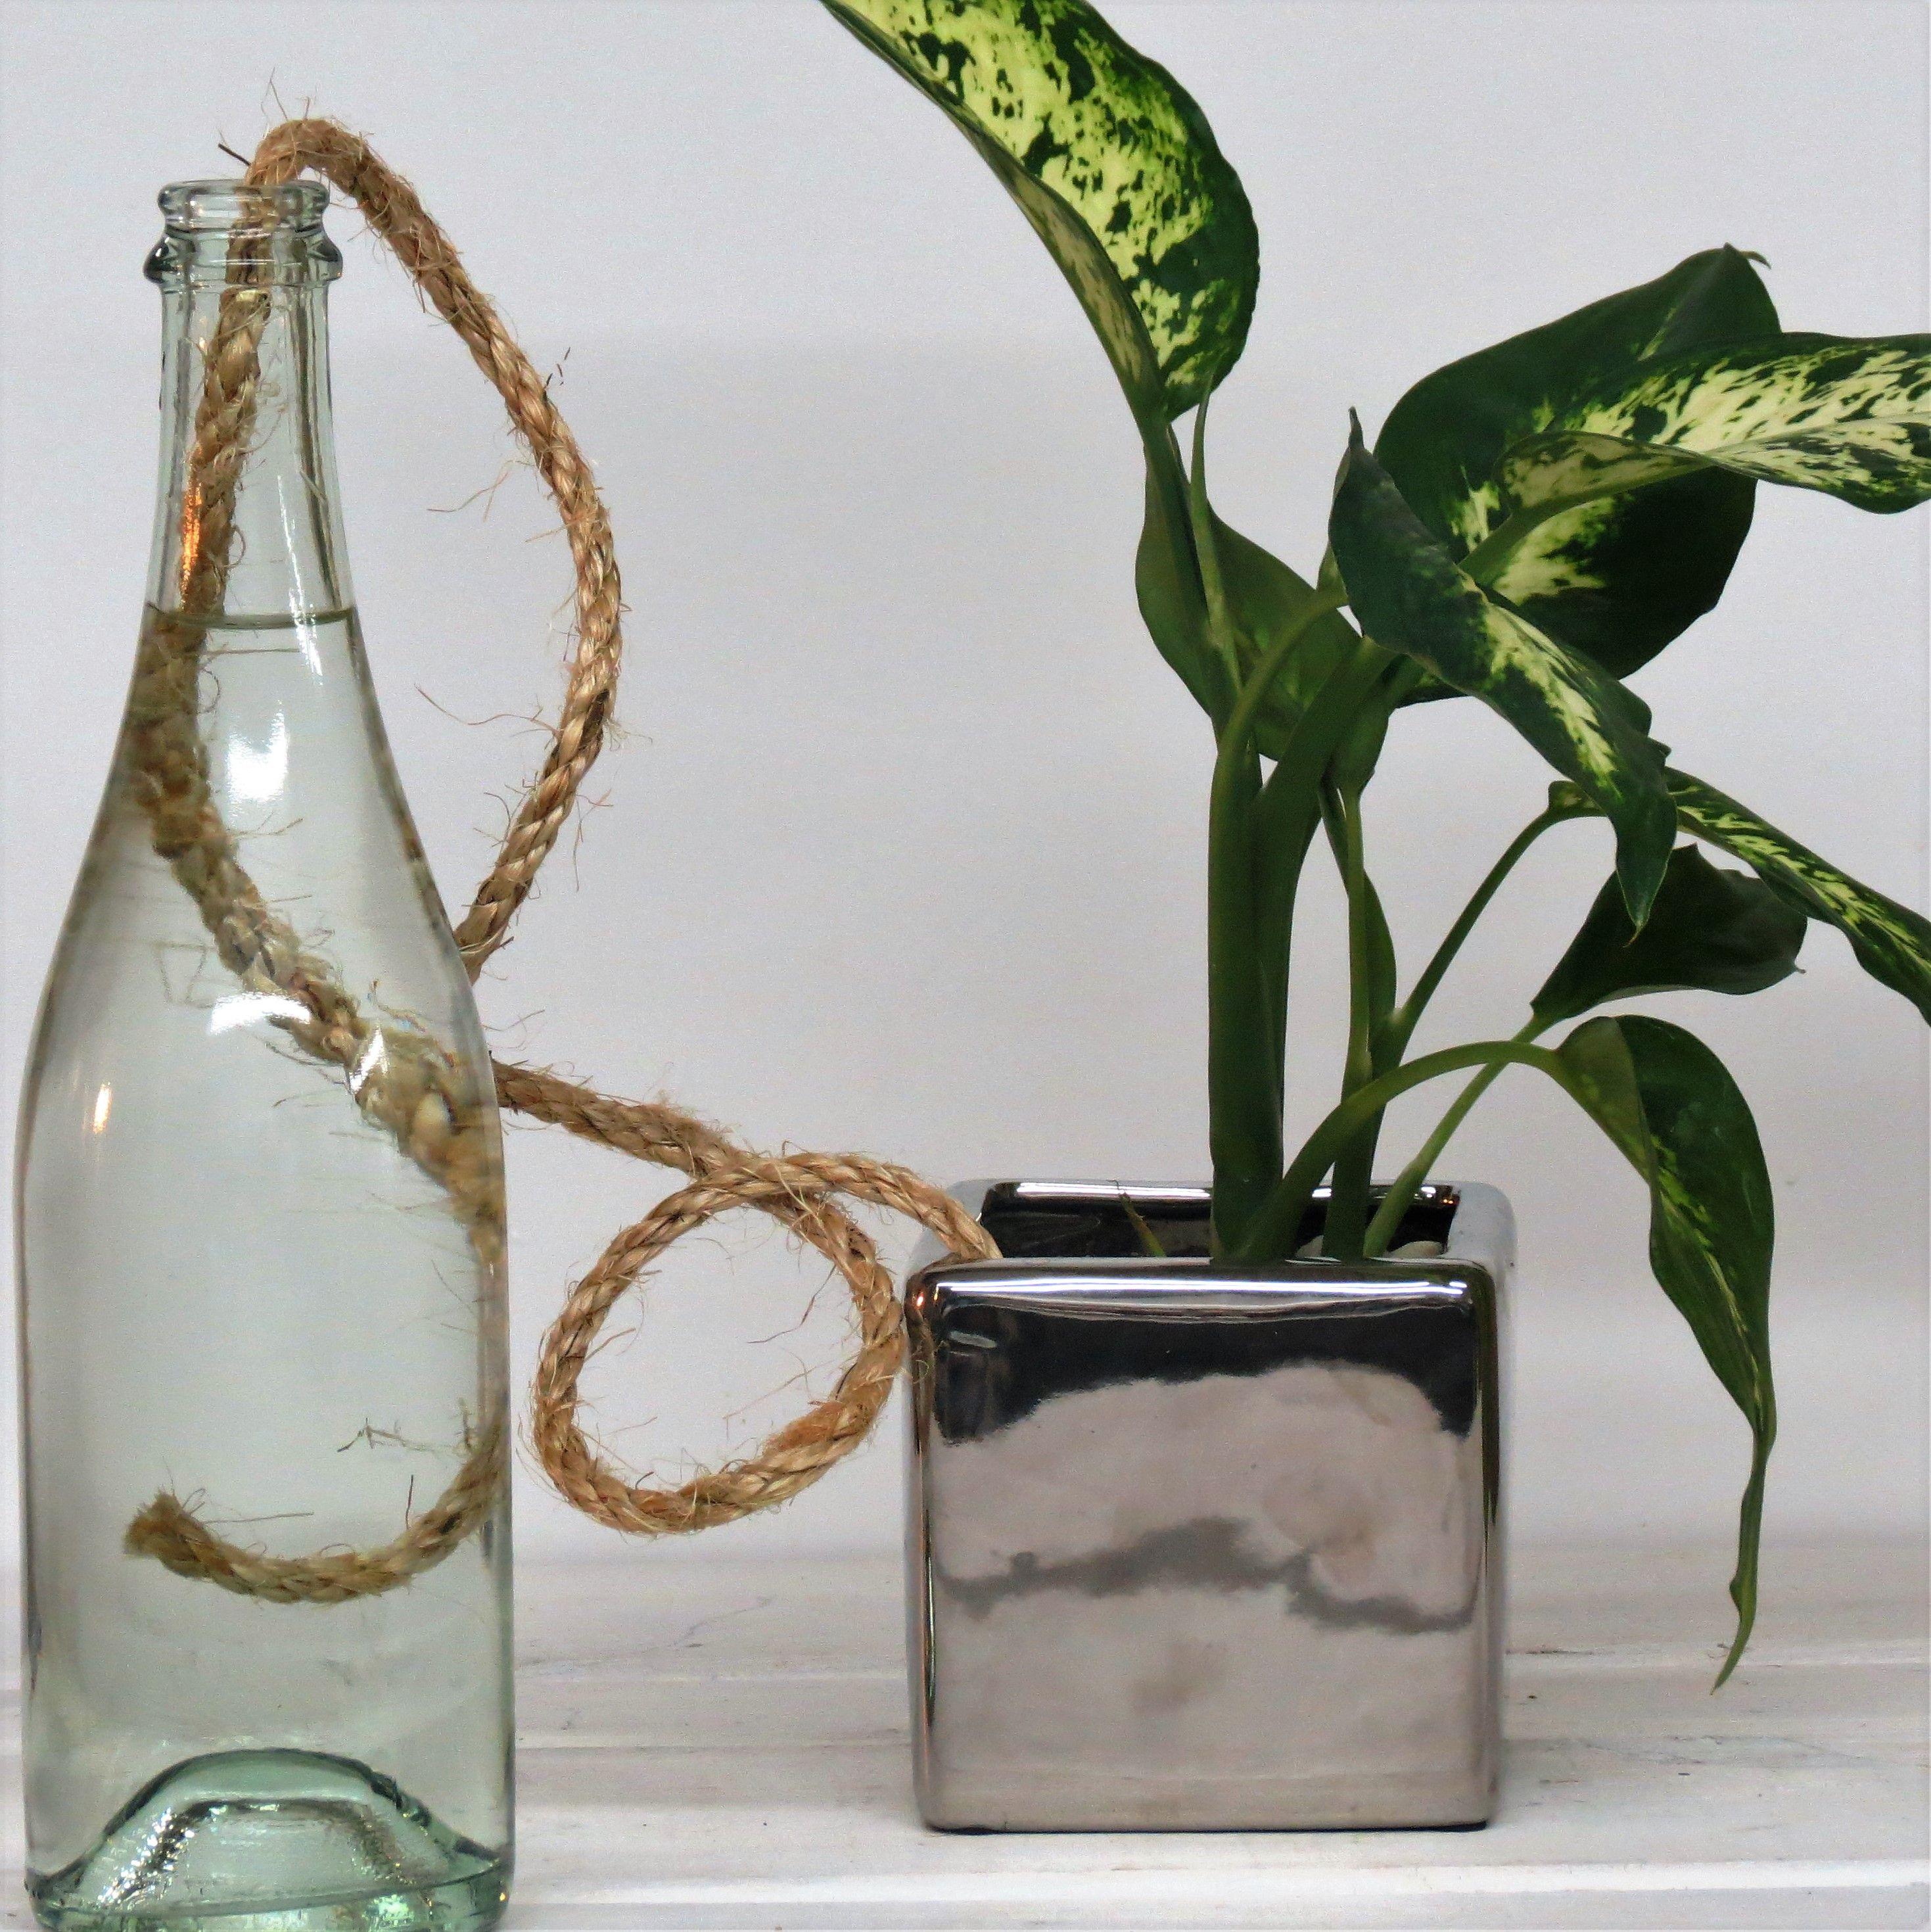 arrosage diy, pour garder ses plantes bien arrosées pendant les